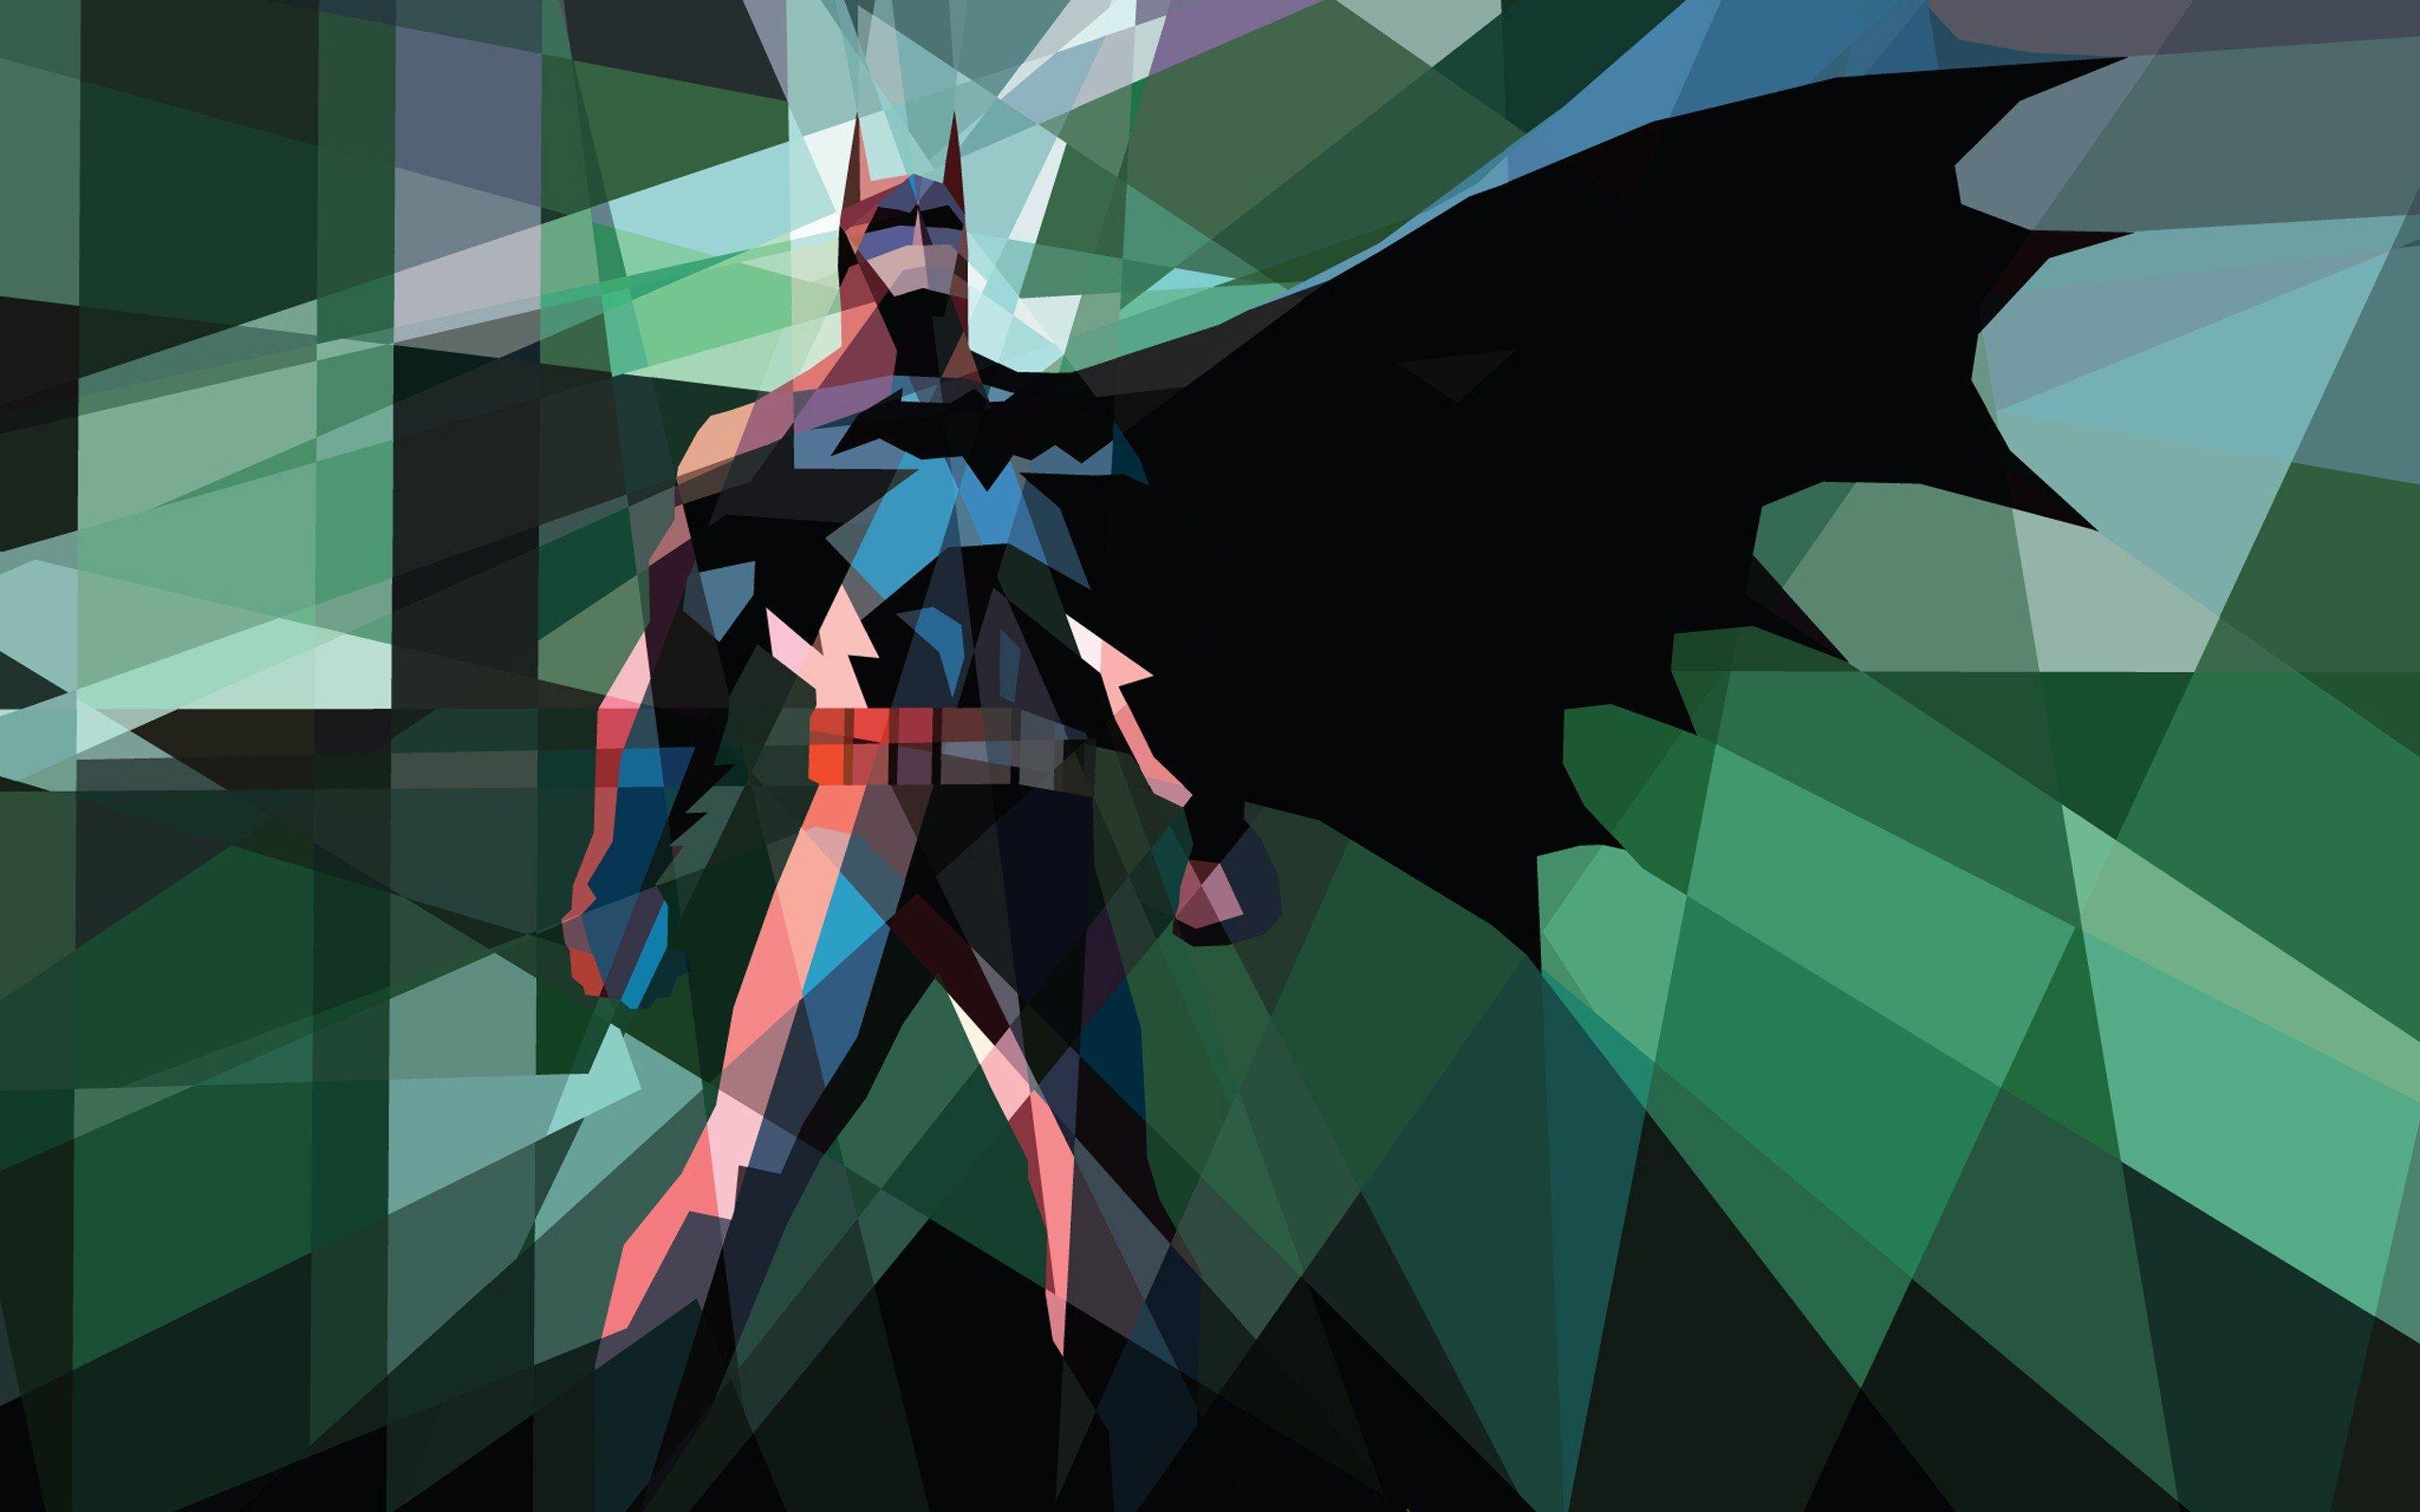 Batman comics superheroes iPad low poly 2560x1600 2560x1600